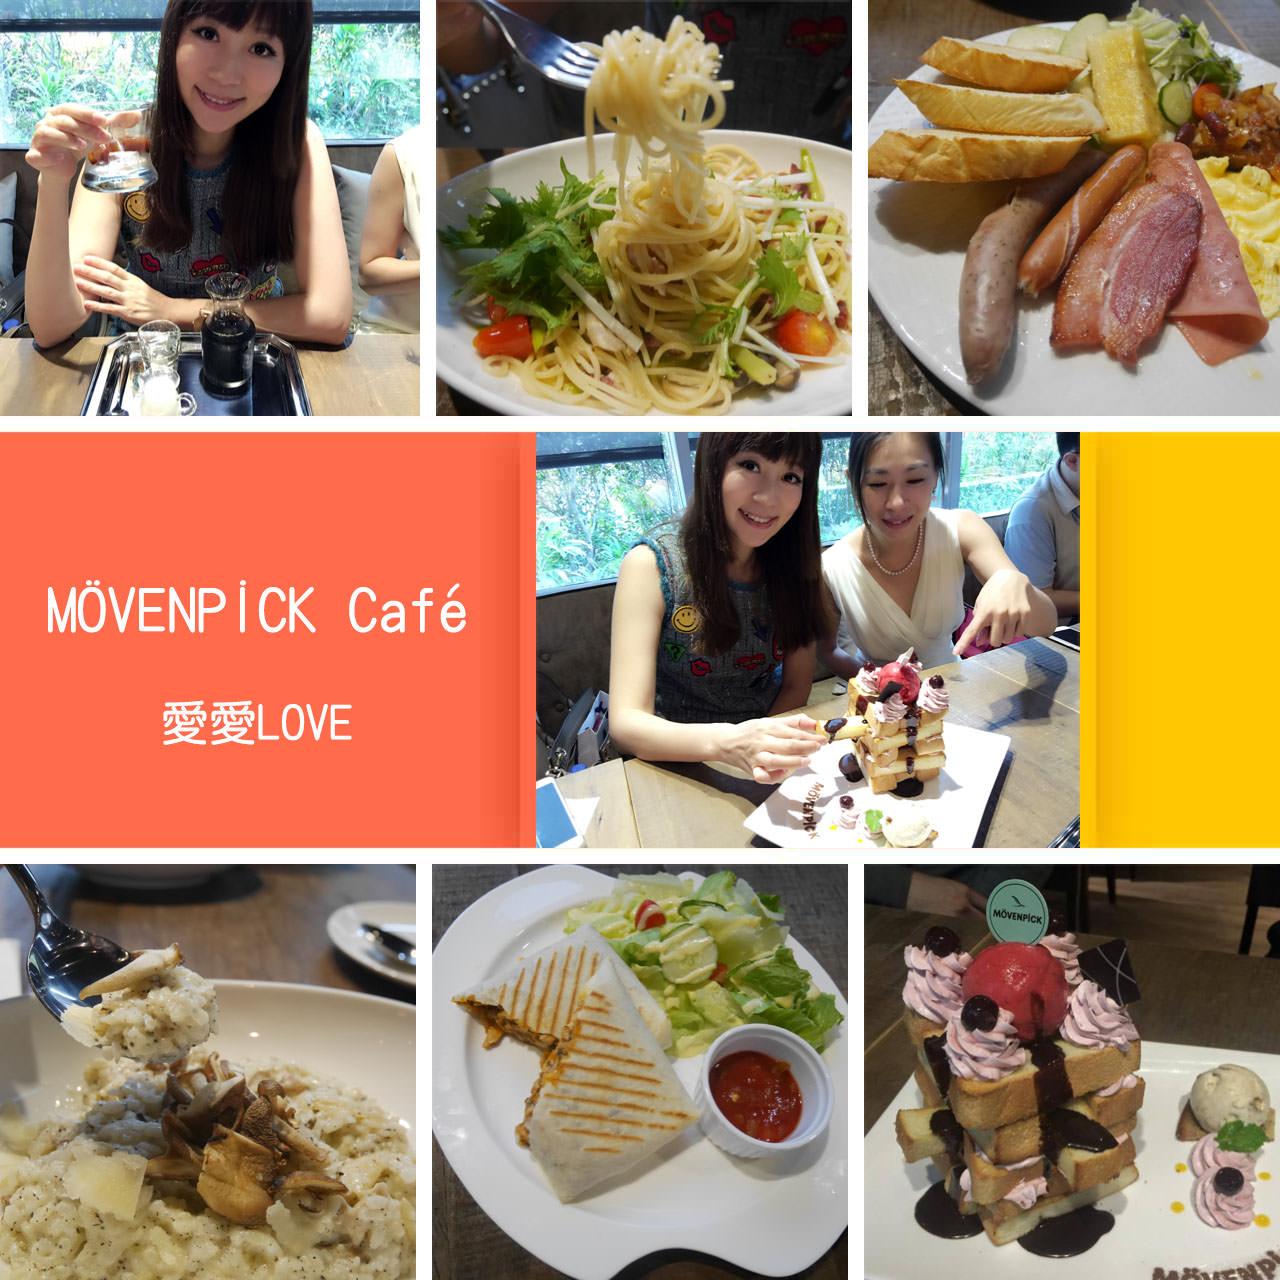 莫凡彼咖啡廳♥c/p值超高的聚會好所在♥文末還有愛愛專屬的優惠送給大家喔(≧∀≦)